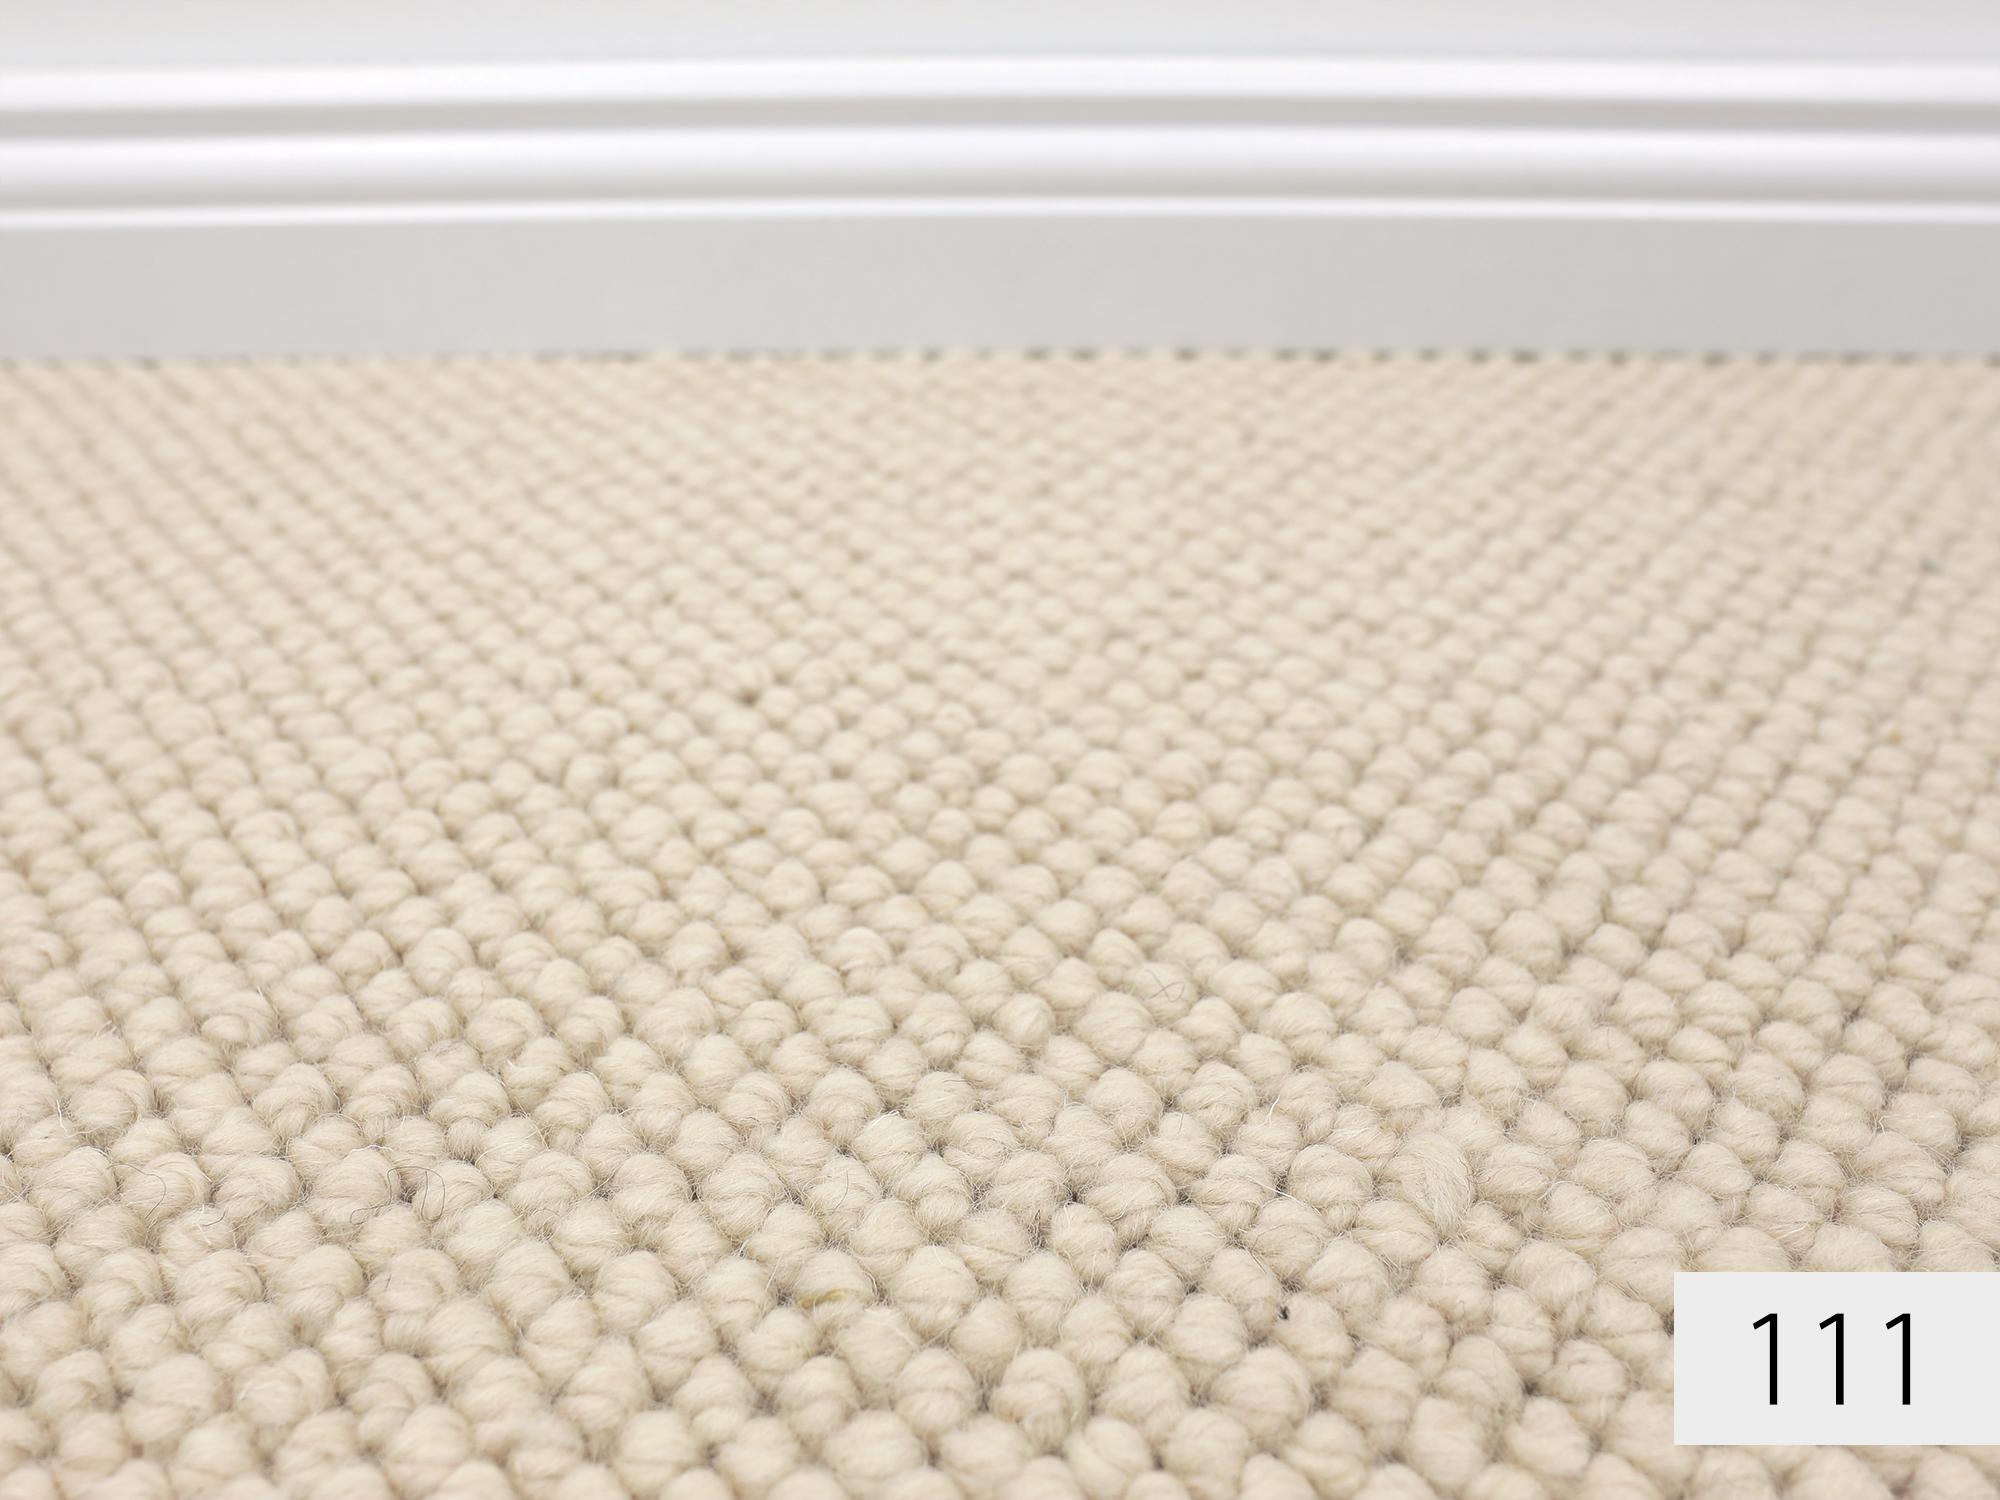 Full Size of Teppichboden Kinderzimmer Venus 100 Neuseeland Schurwolle 400 Cm Breite Regal Regale Weiß Sofa Kinderzimmer Teppichboden Kinderzimmer